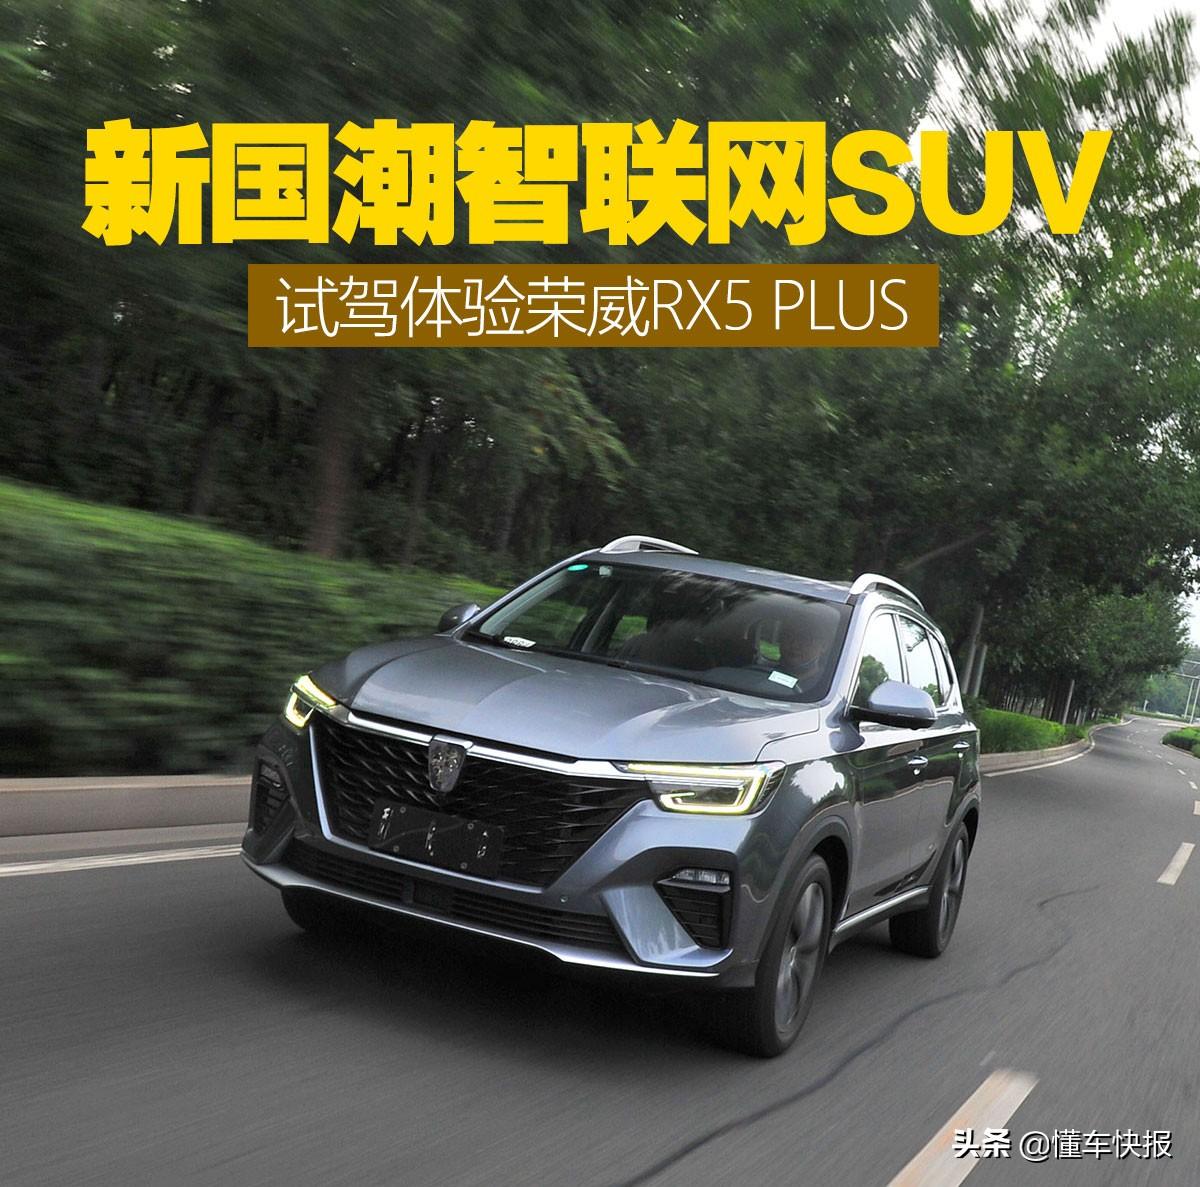 超级体验:颜值高、有智慧 新国潮智联网SUV荣威RX5 PLUS